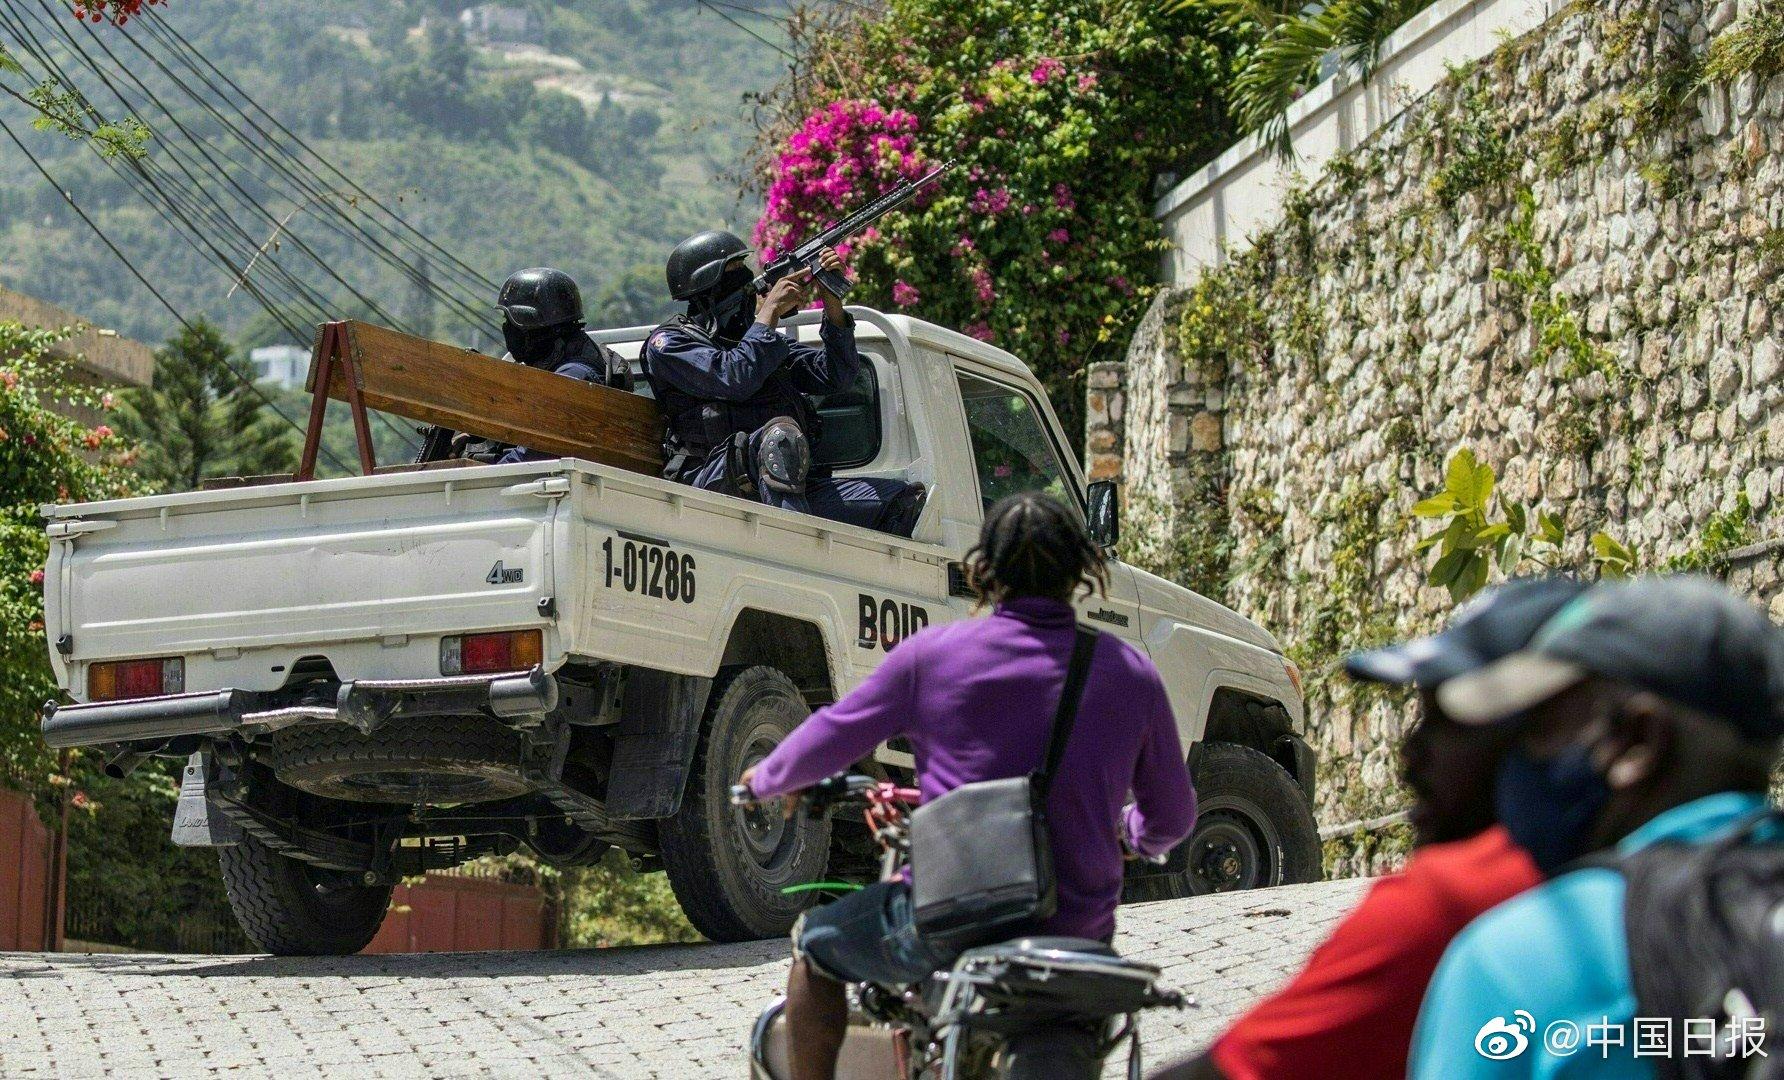 外媒:海地请求美国派兵稳定局势